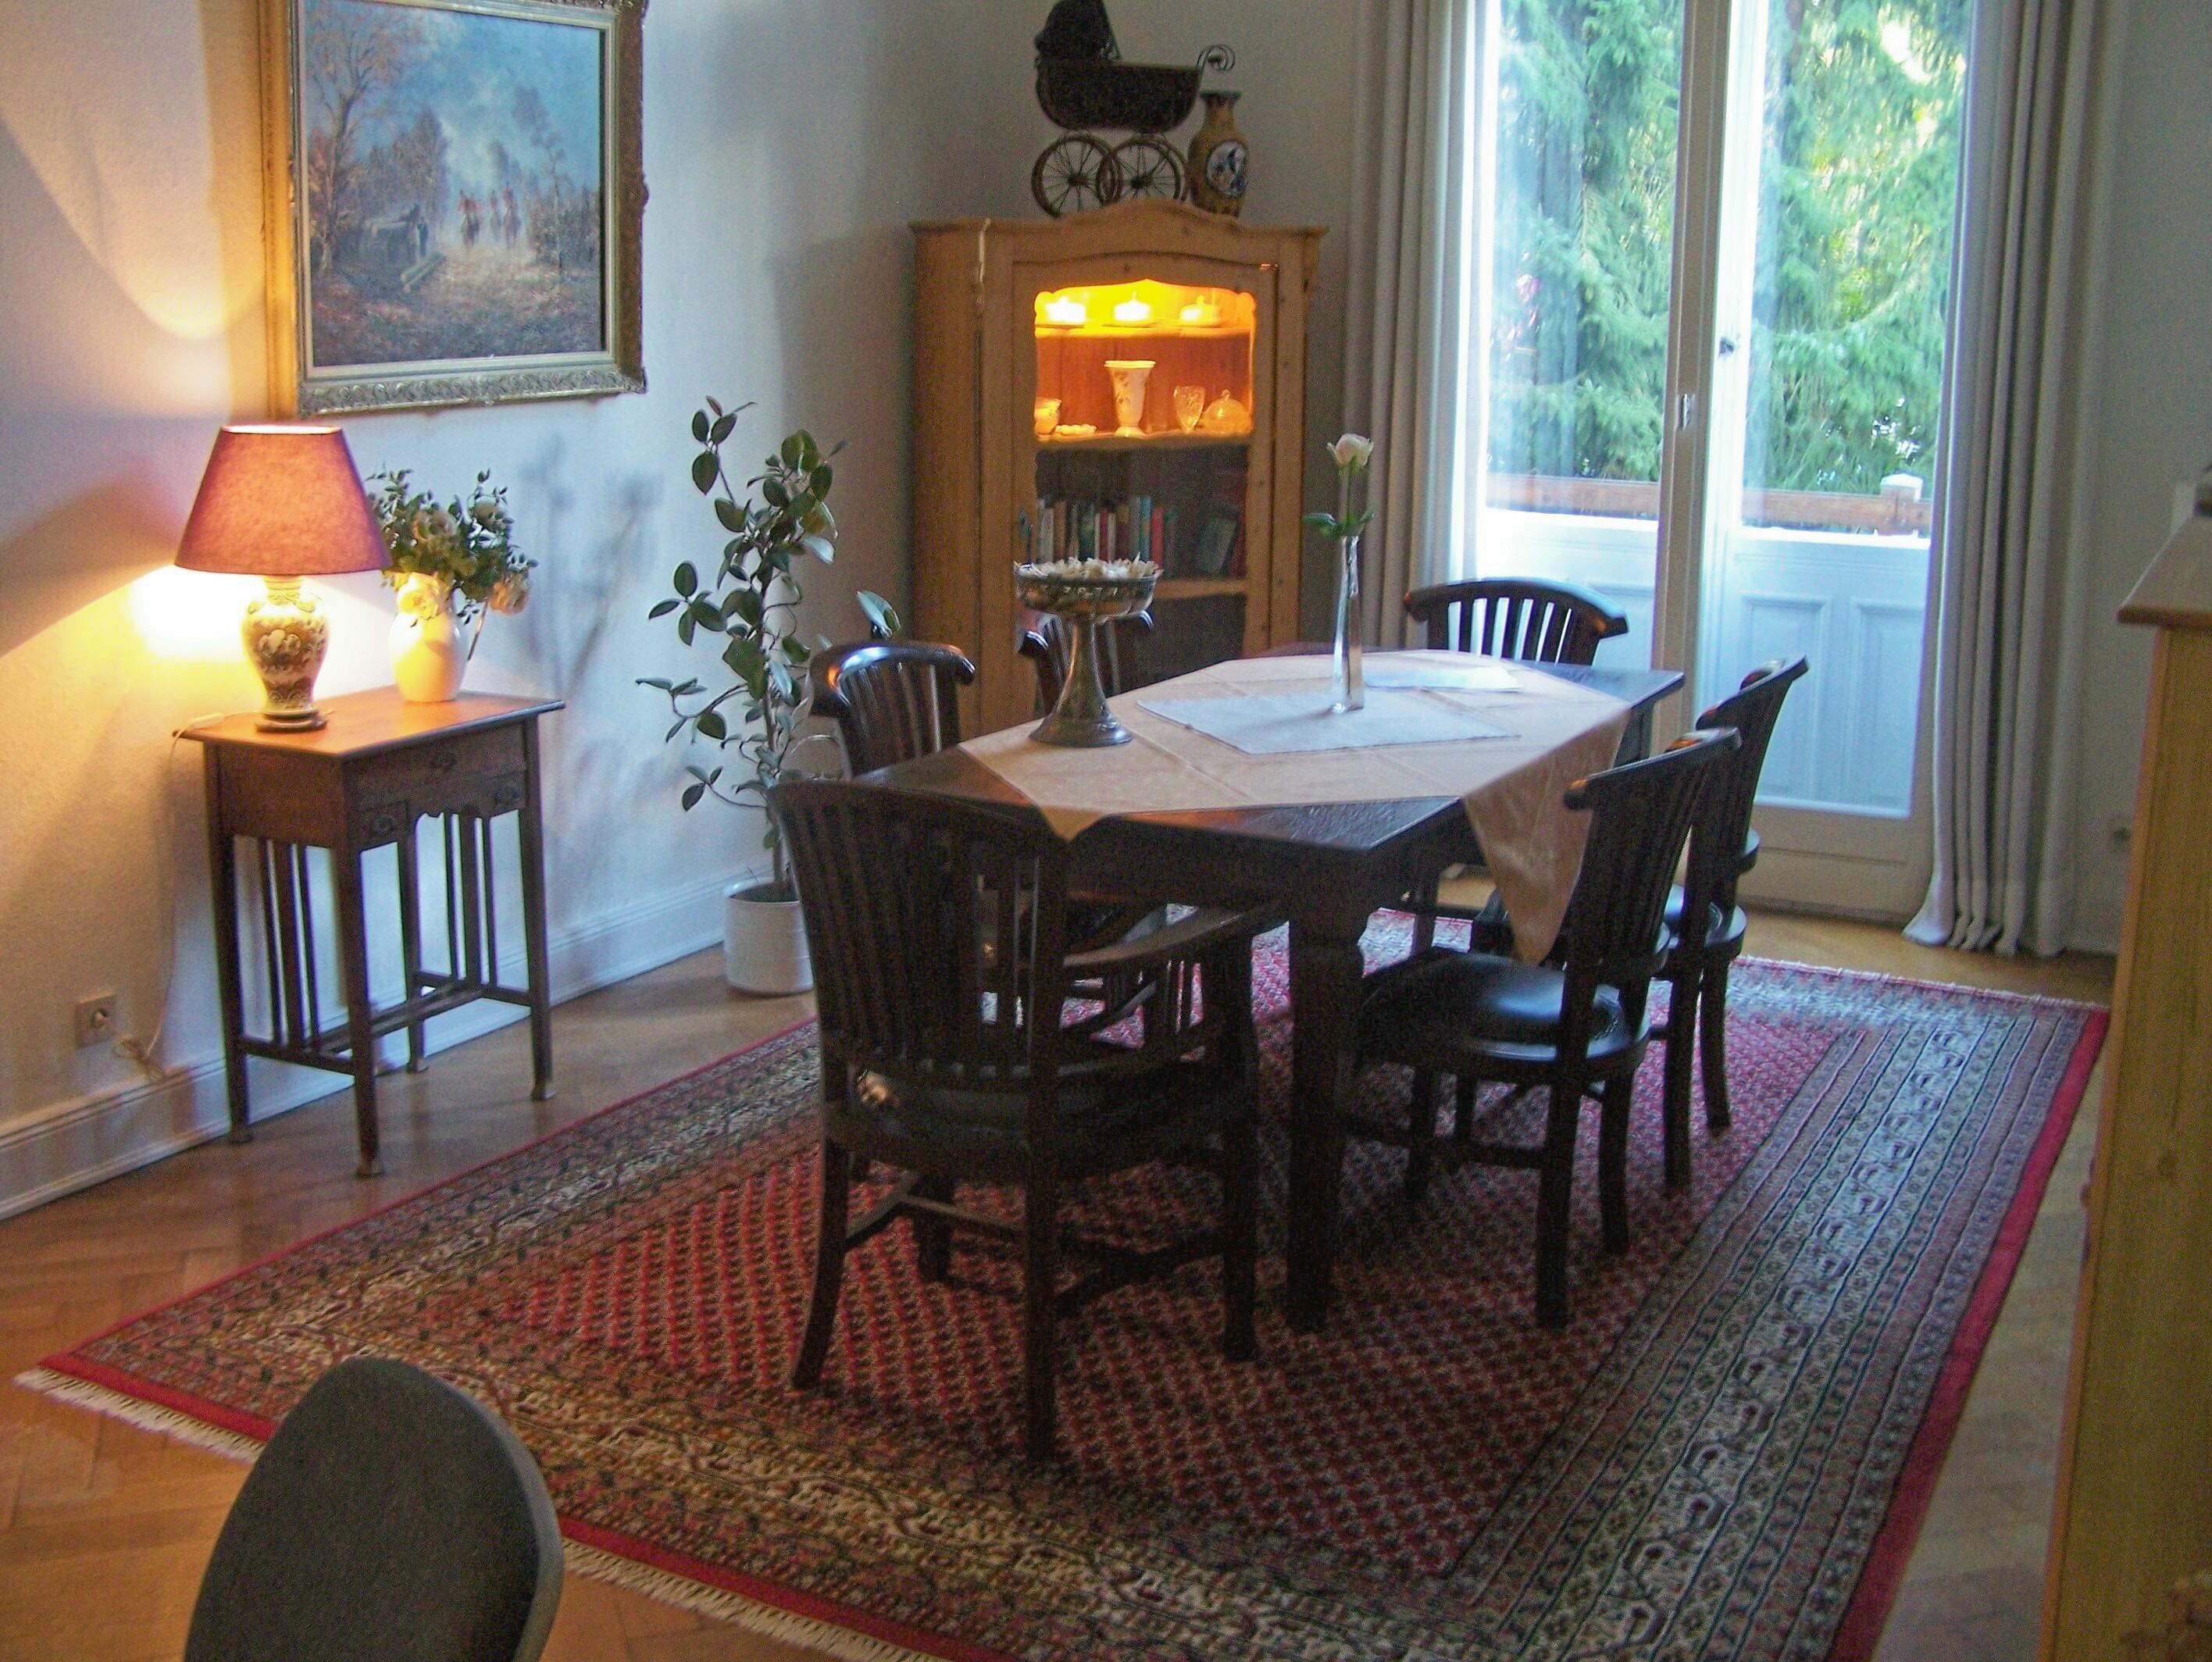 esstisch fr kleine wohnung simple dies sorgt nicht nur fr. Black Bedroom Furniture Sets. Home Design Ideas